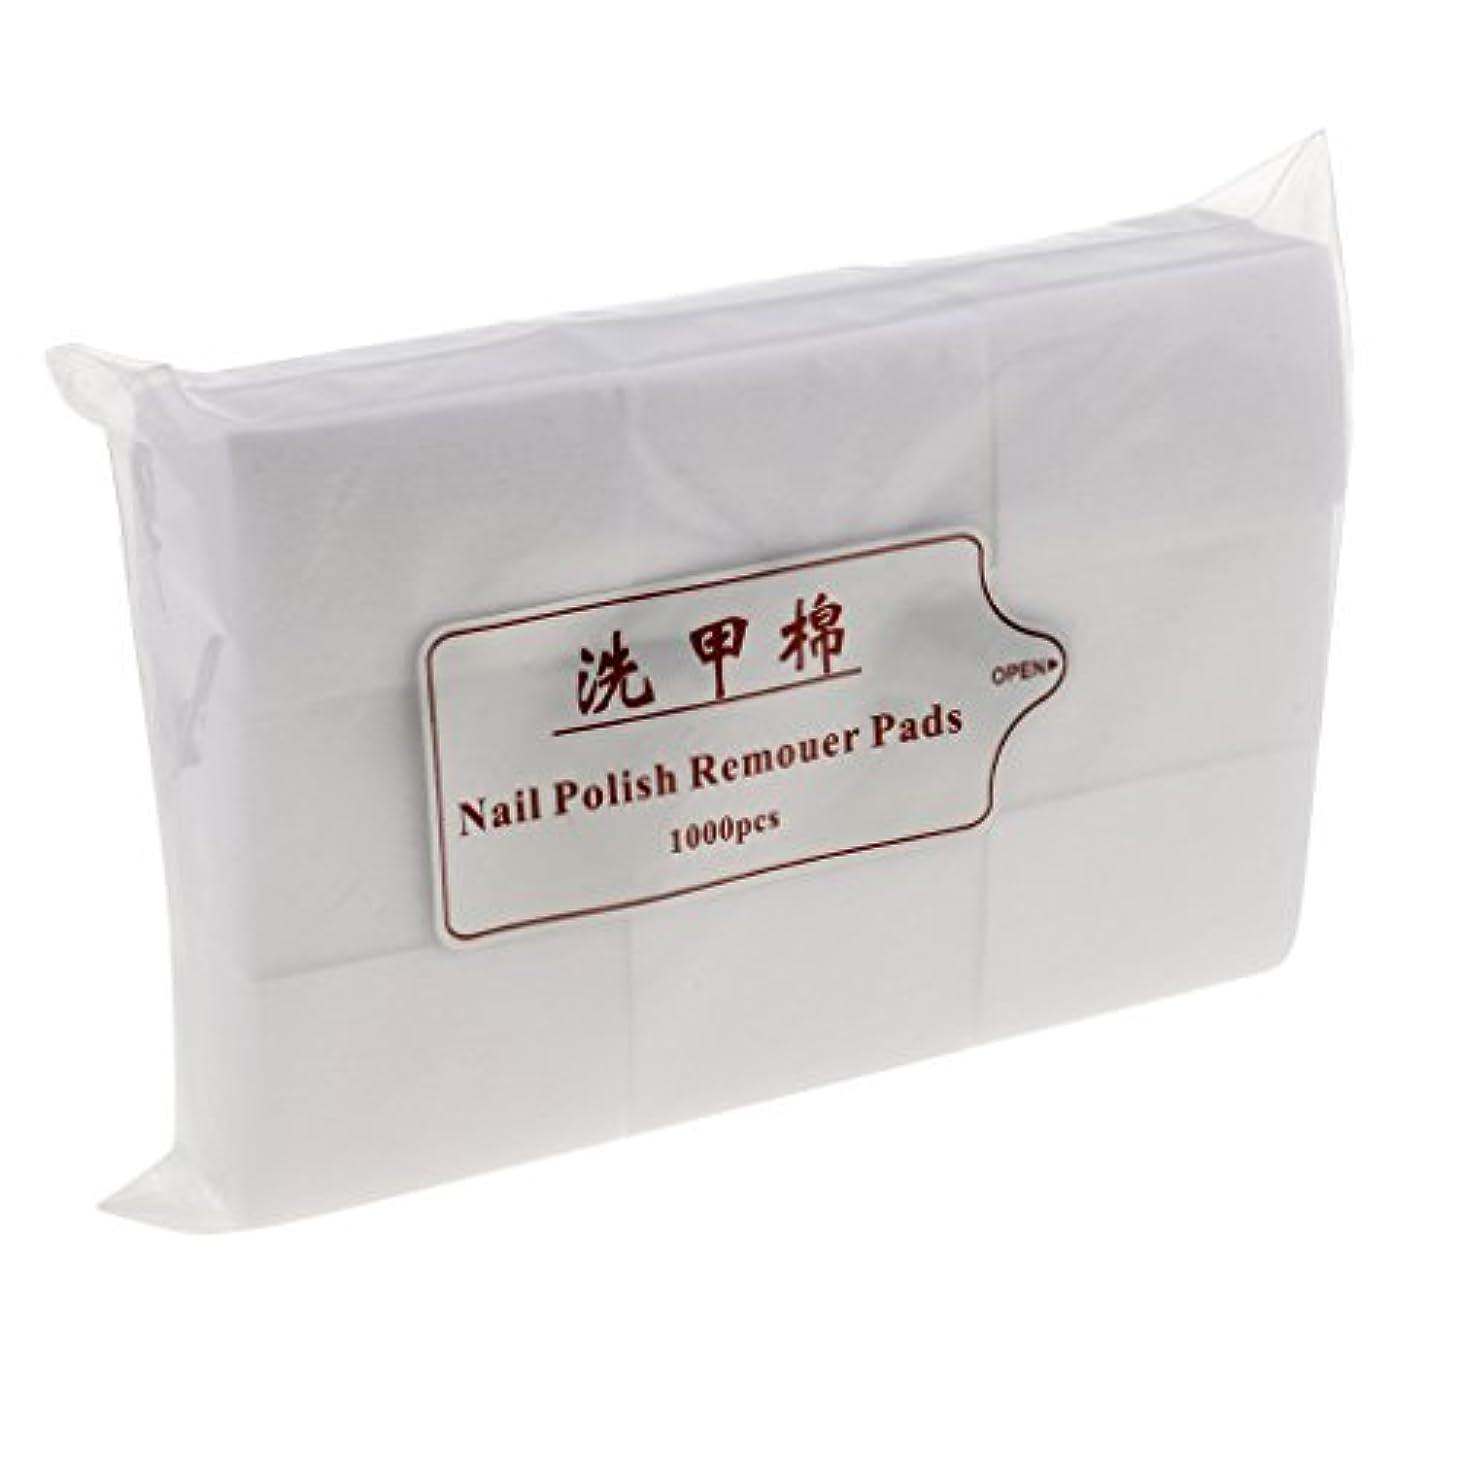 キノコ近所の不名誉な約1000個 ネイルコットンパッド ネイル パッド ネイルアートチップ パッド紙 吸水性 便利 ネイルサロン